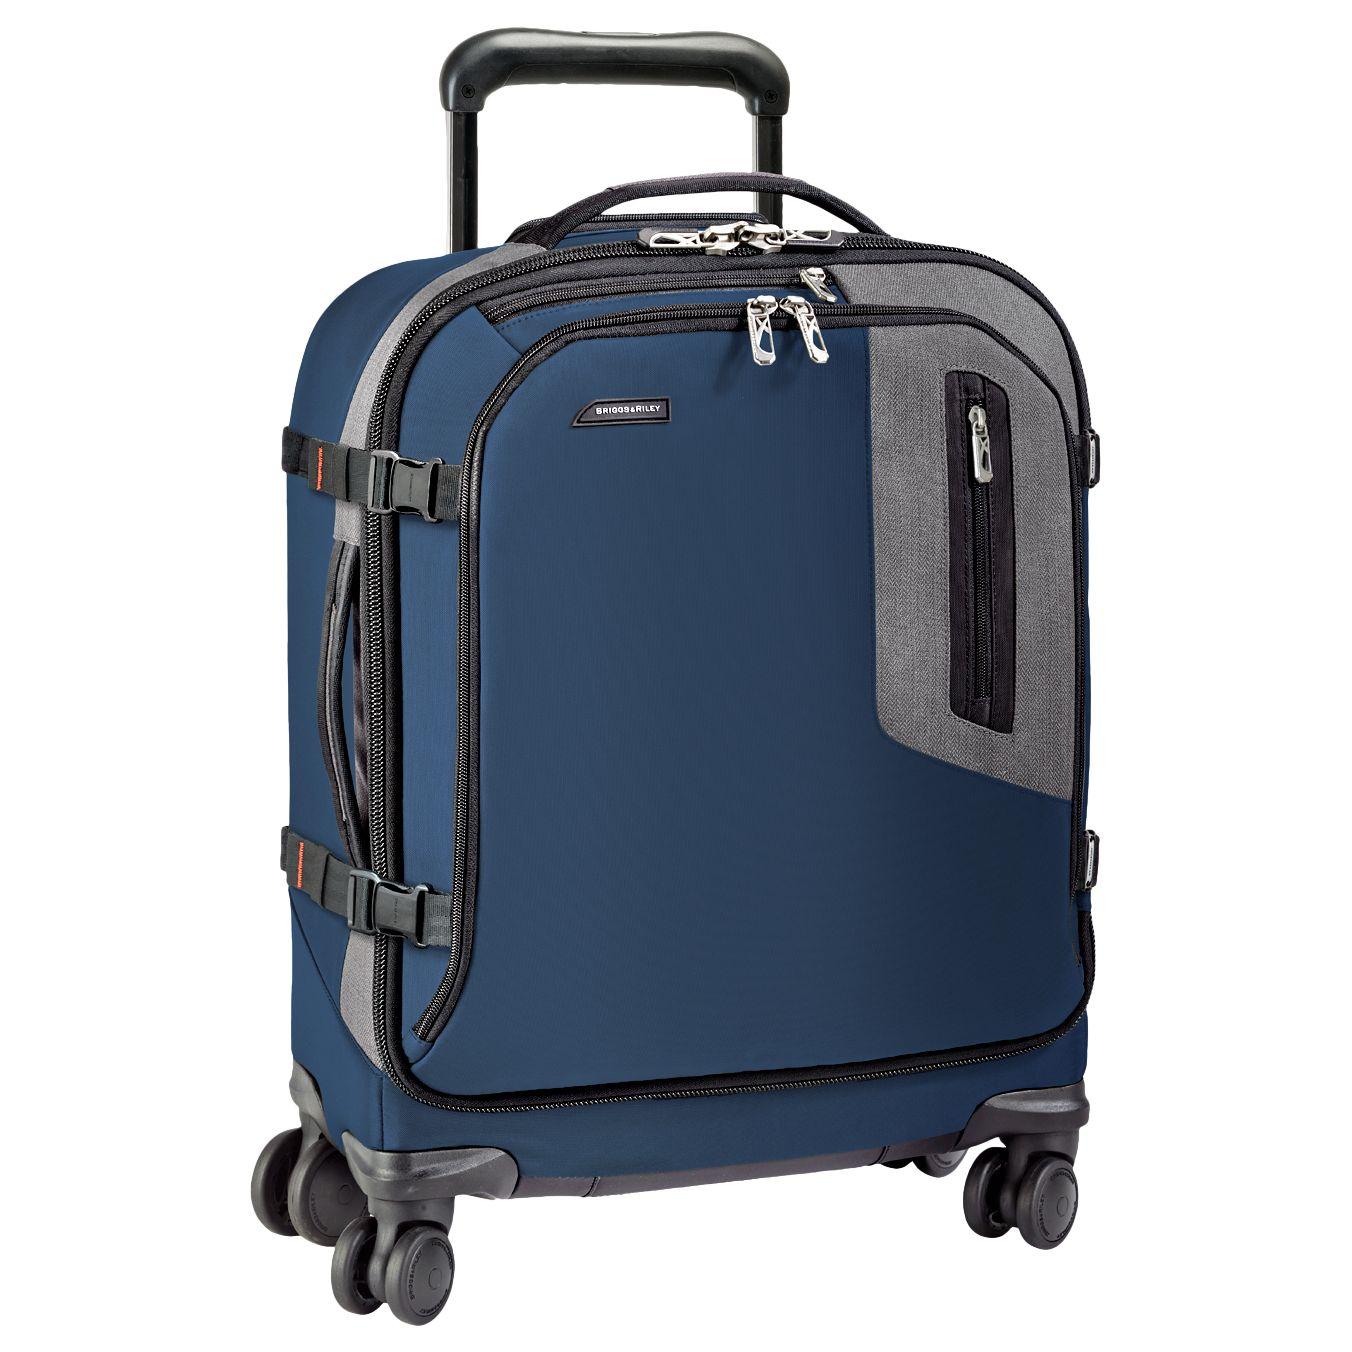 Briggs & Riley Briggs & Riley BRX Explore International Wide-Body Spinner Cabin Case, Blue